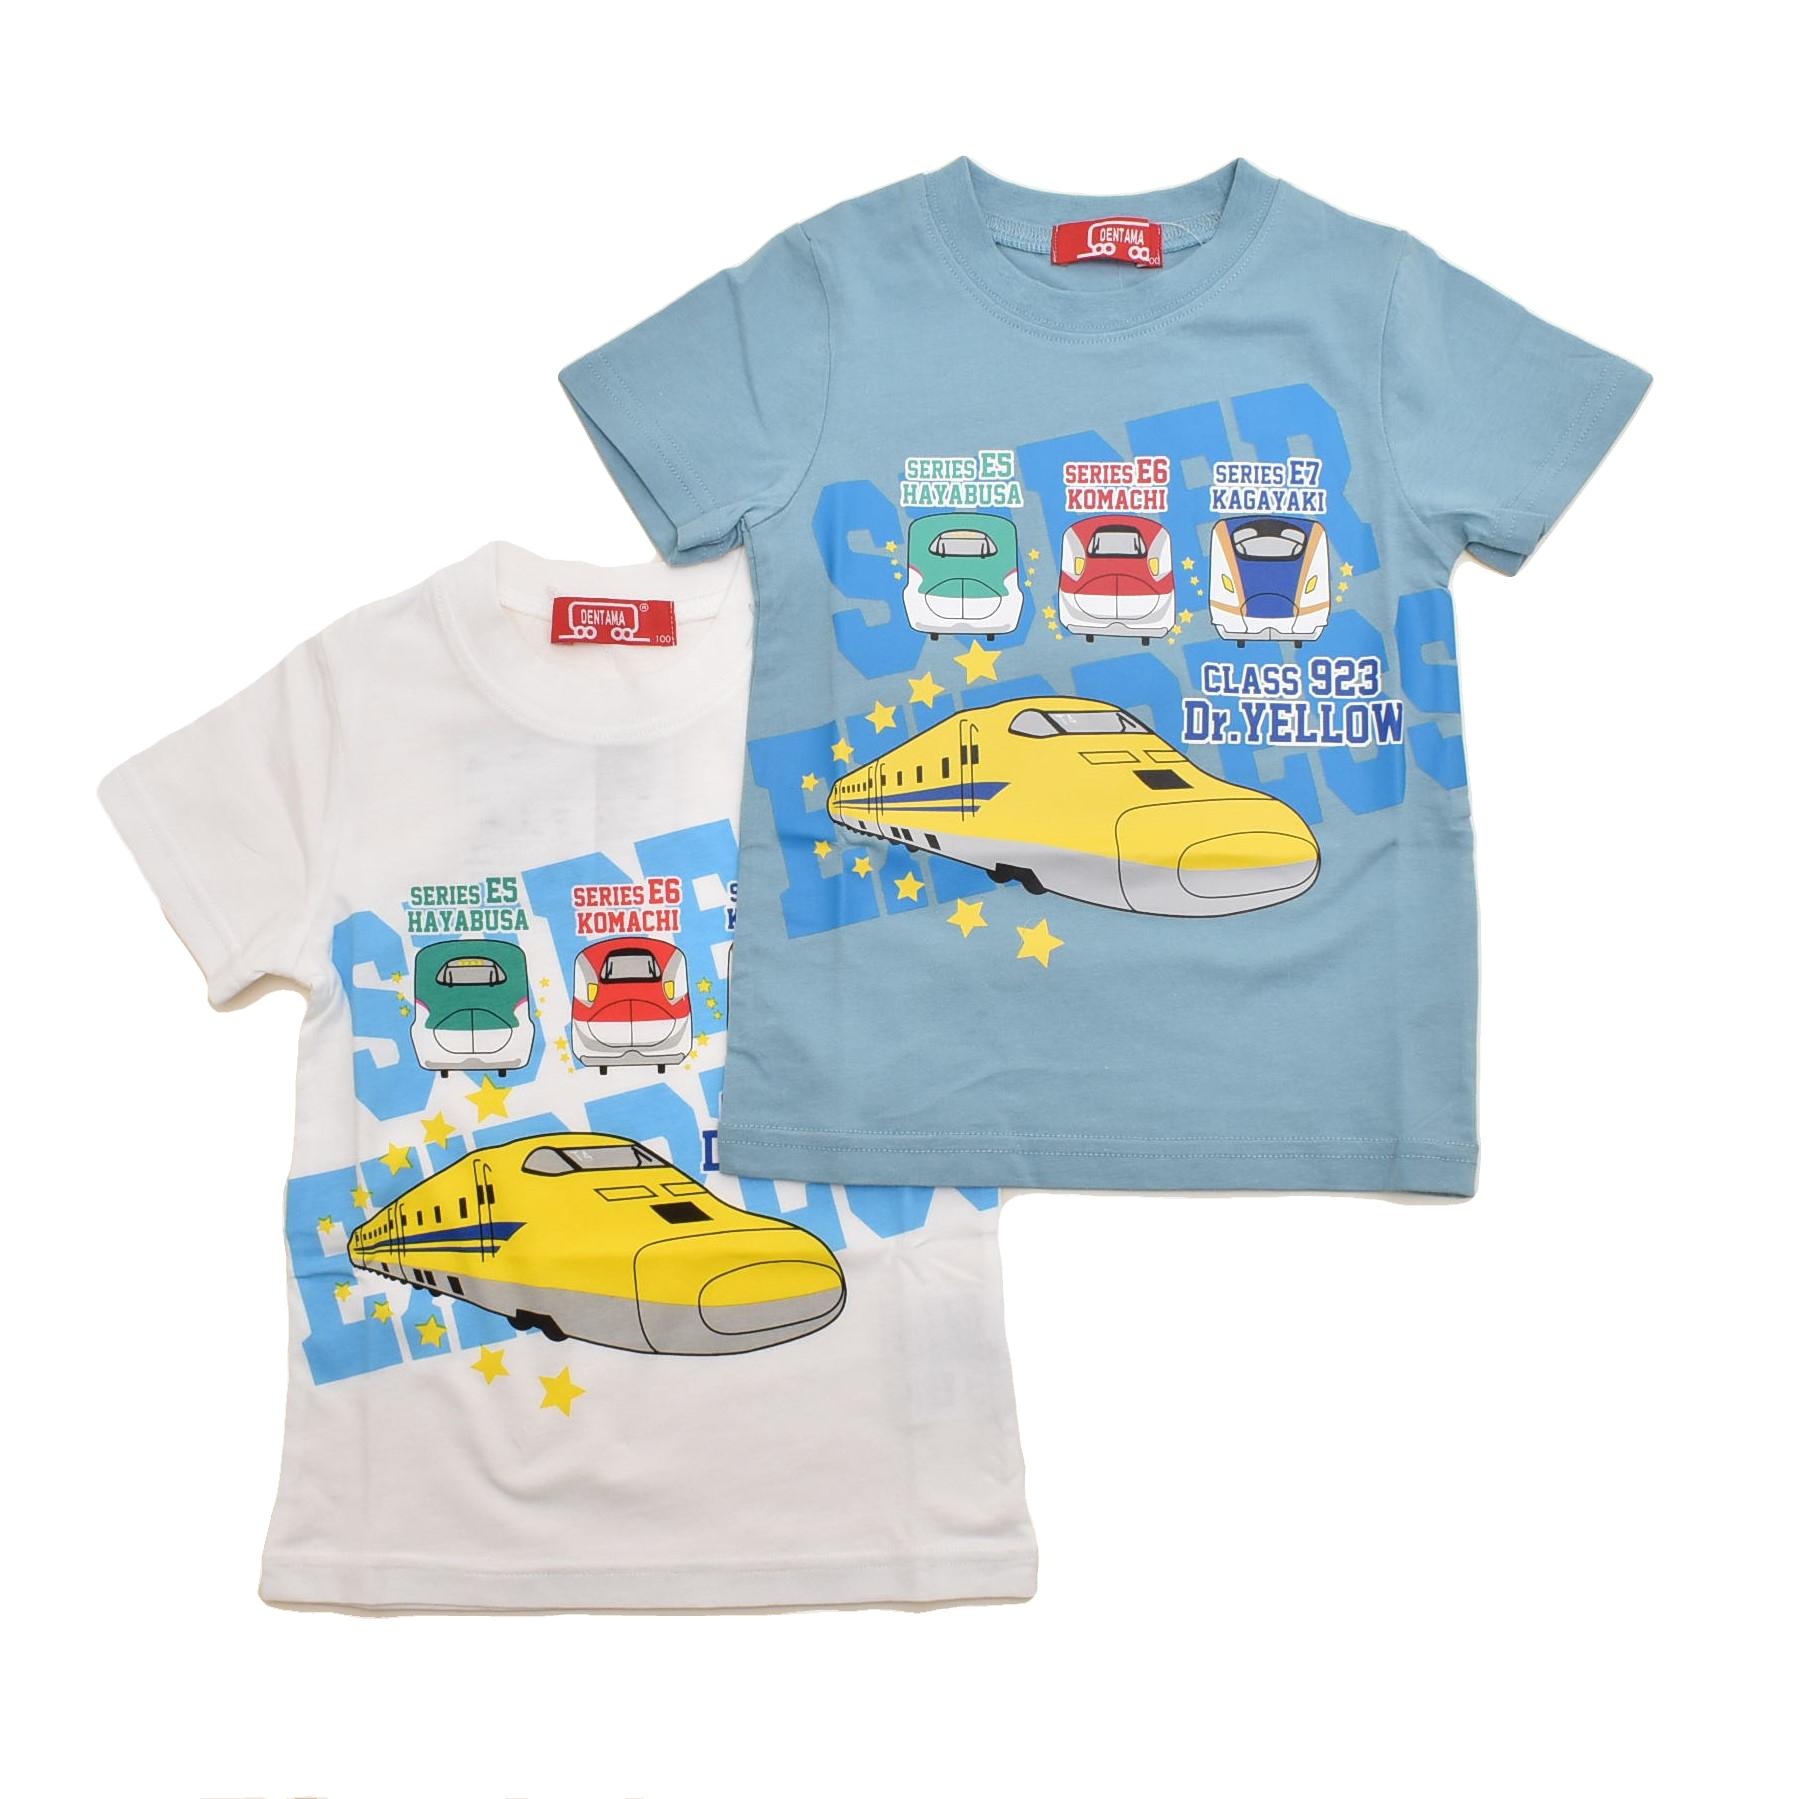 でんたま(新幹線)半袖Tシャツ 100cm-130cm (142DT0011)